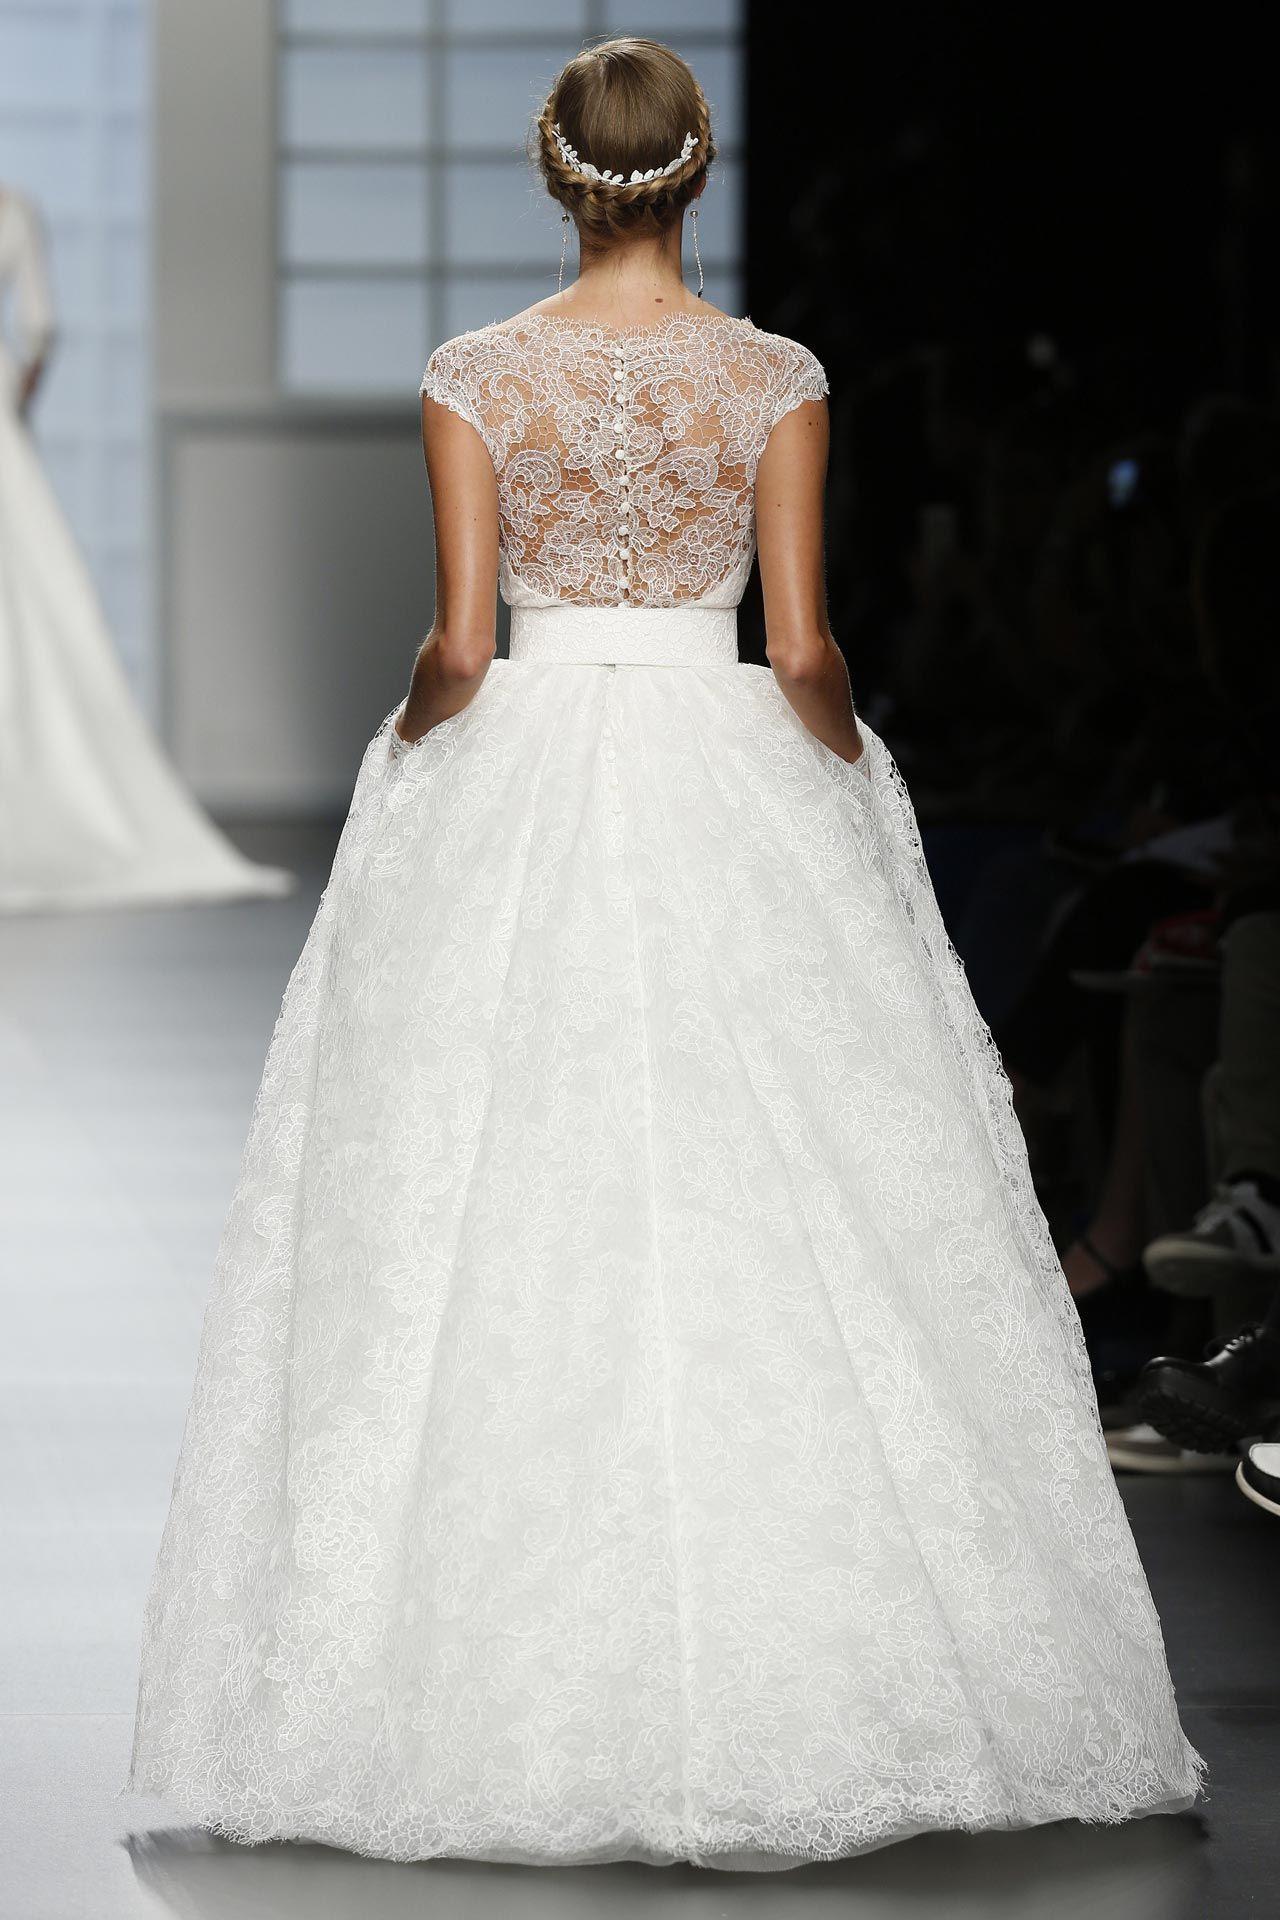 Пышное свадебное платье. Силуэт «бальное платье»